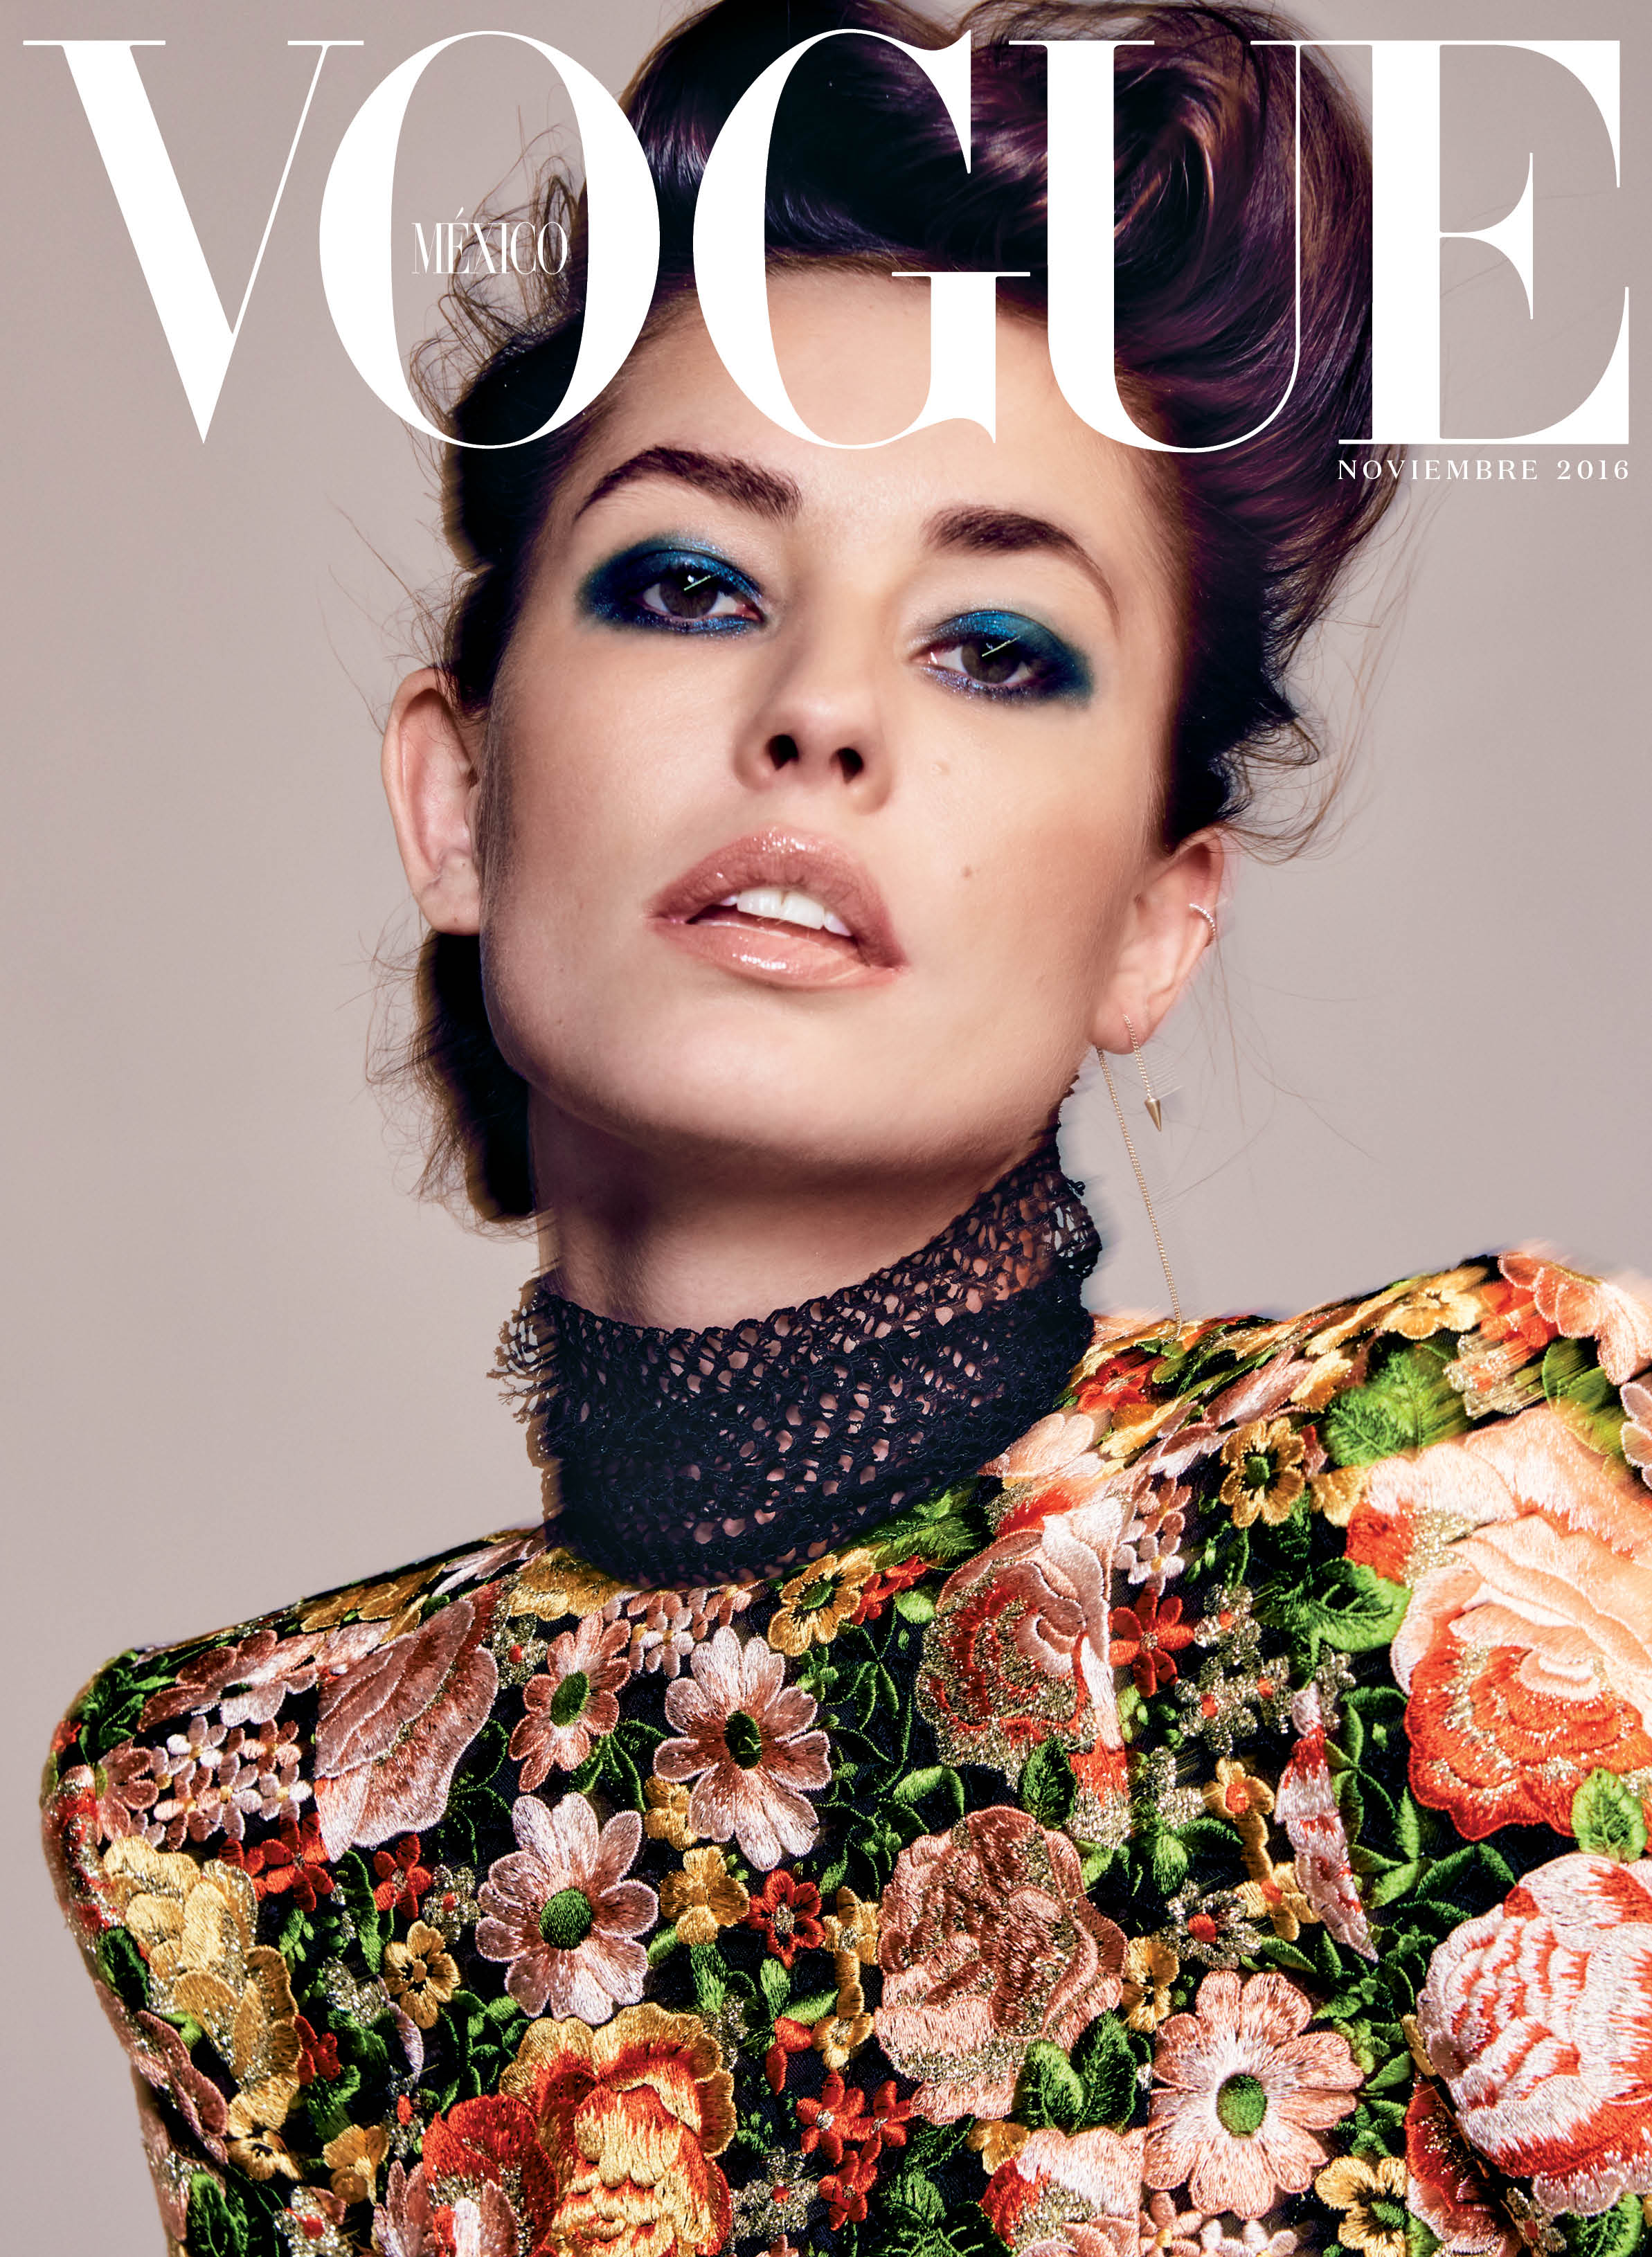 000 Cover Vogue Noviembre MX.jpg